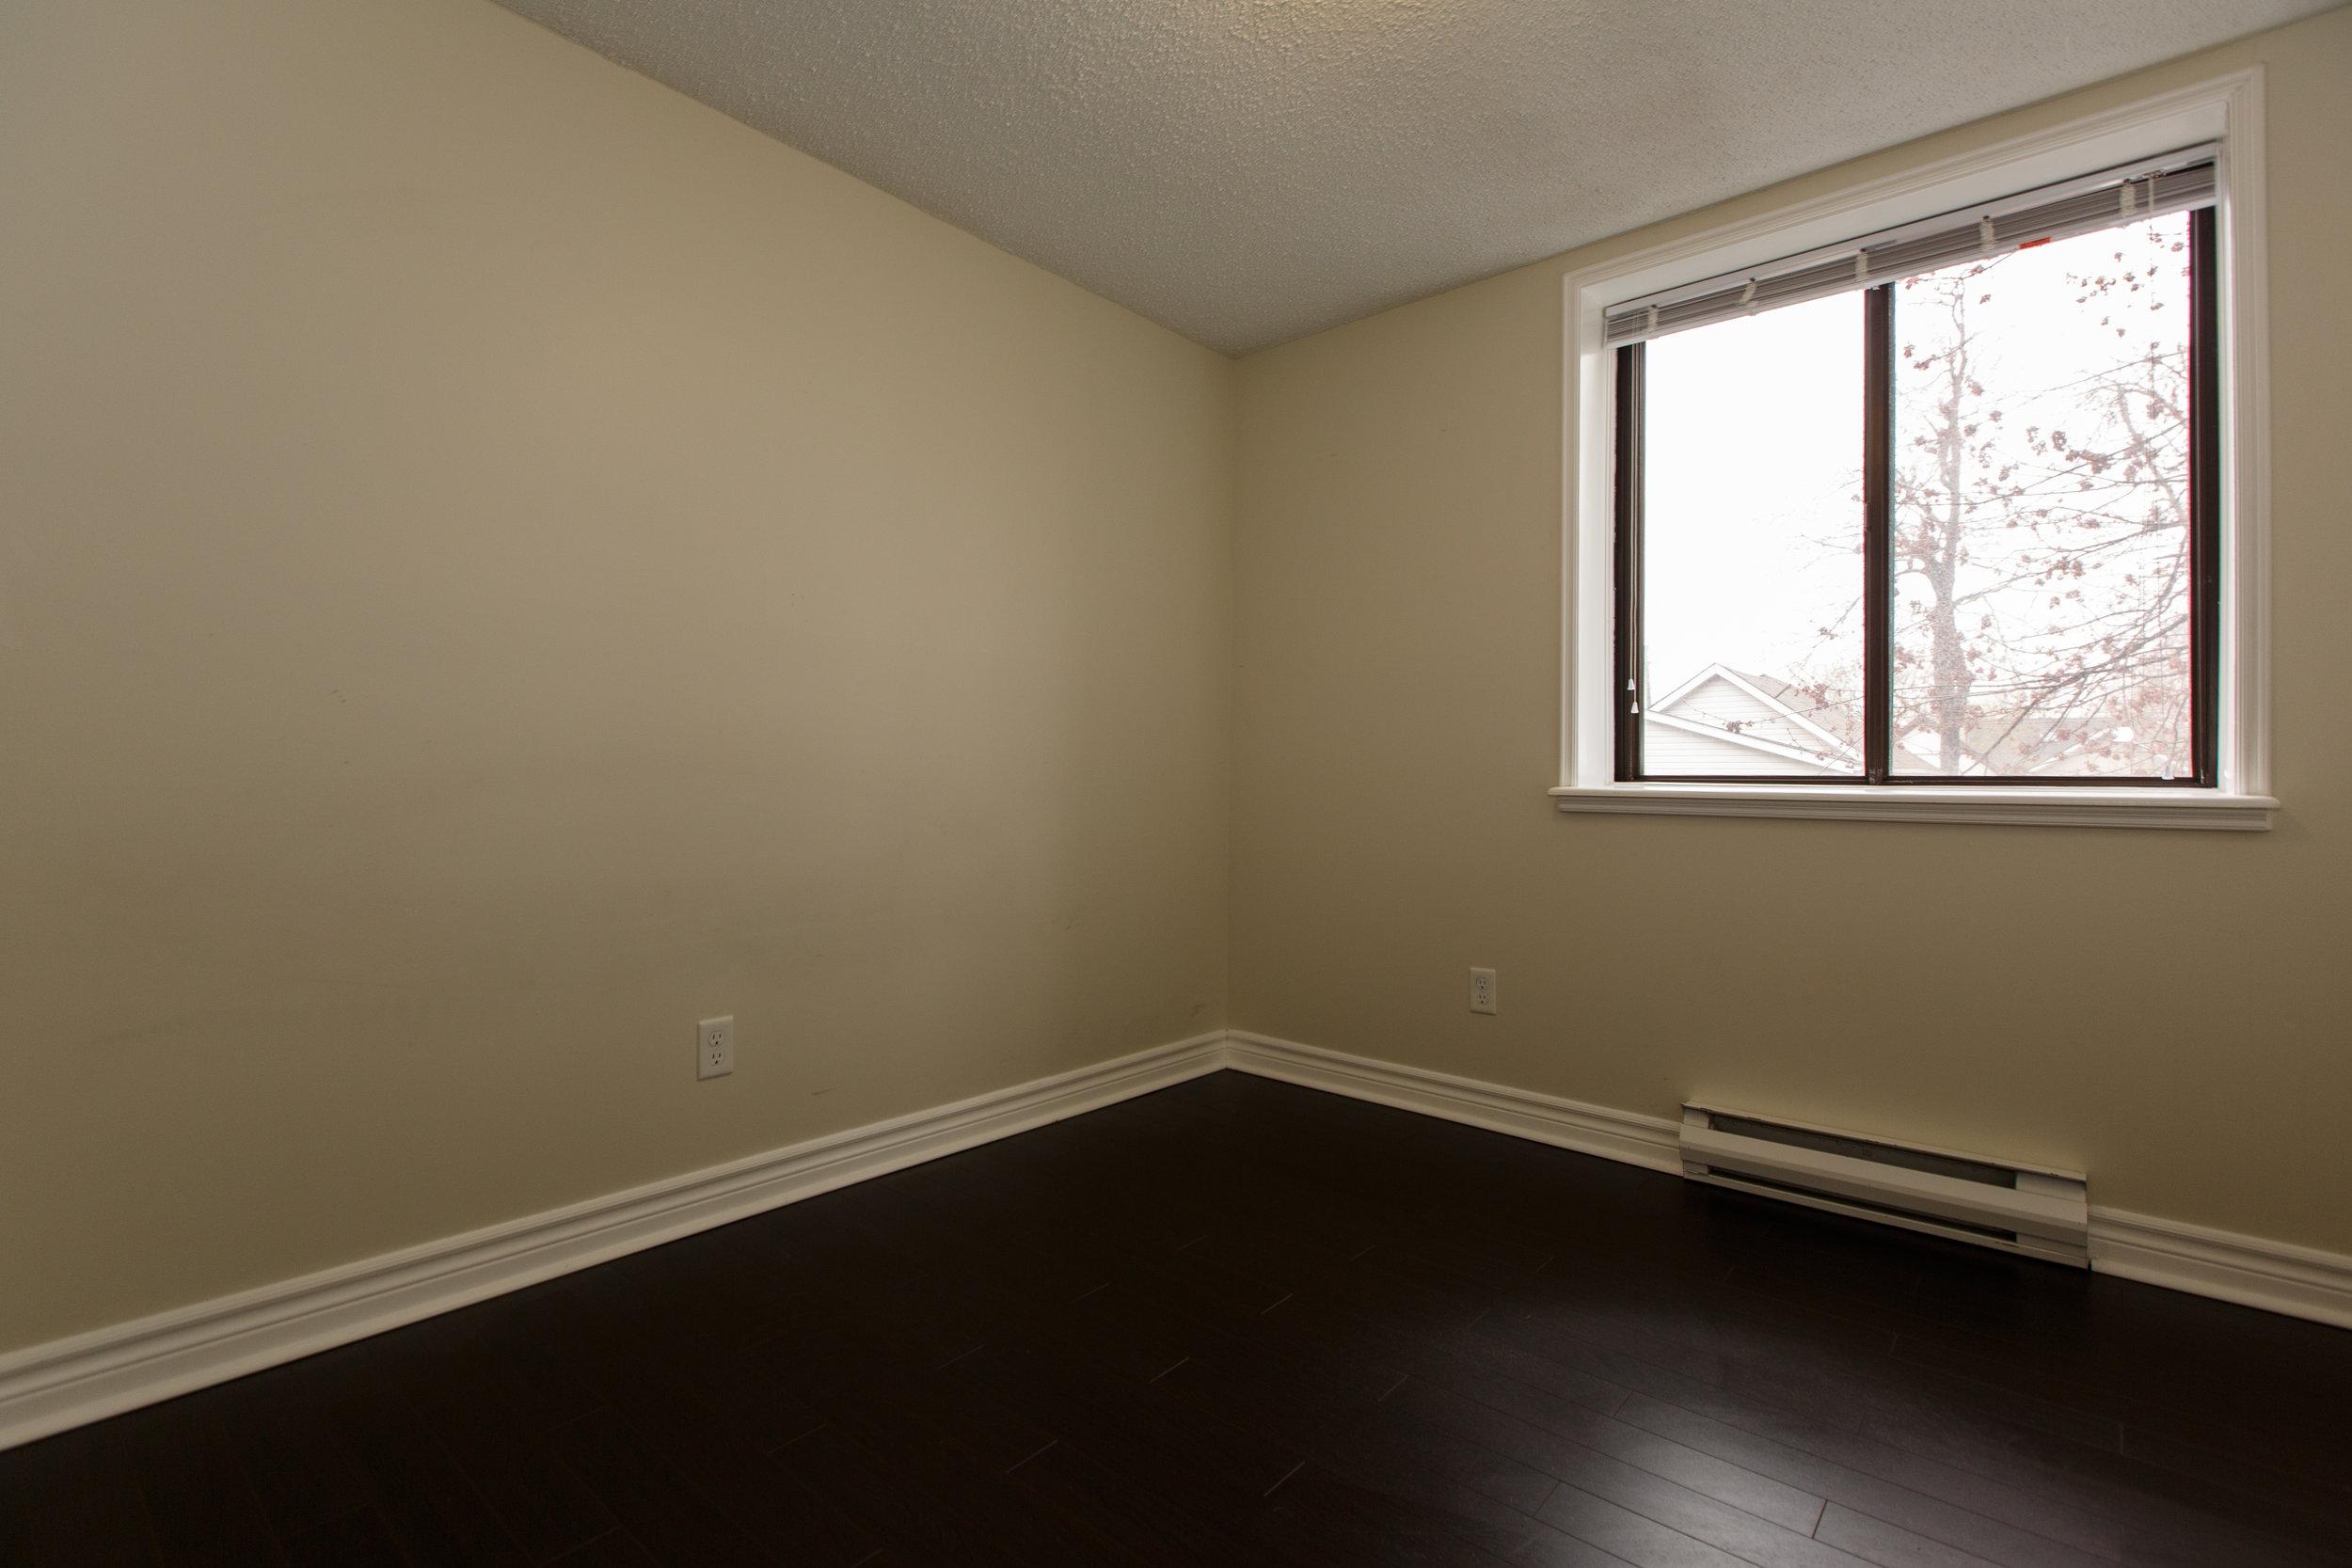 311 Queen St. _u007c_ Bedroom Photo, looking in from the hallway.jpg